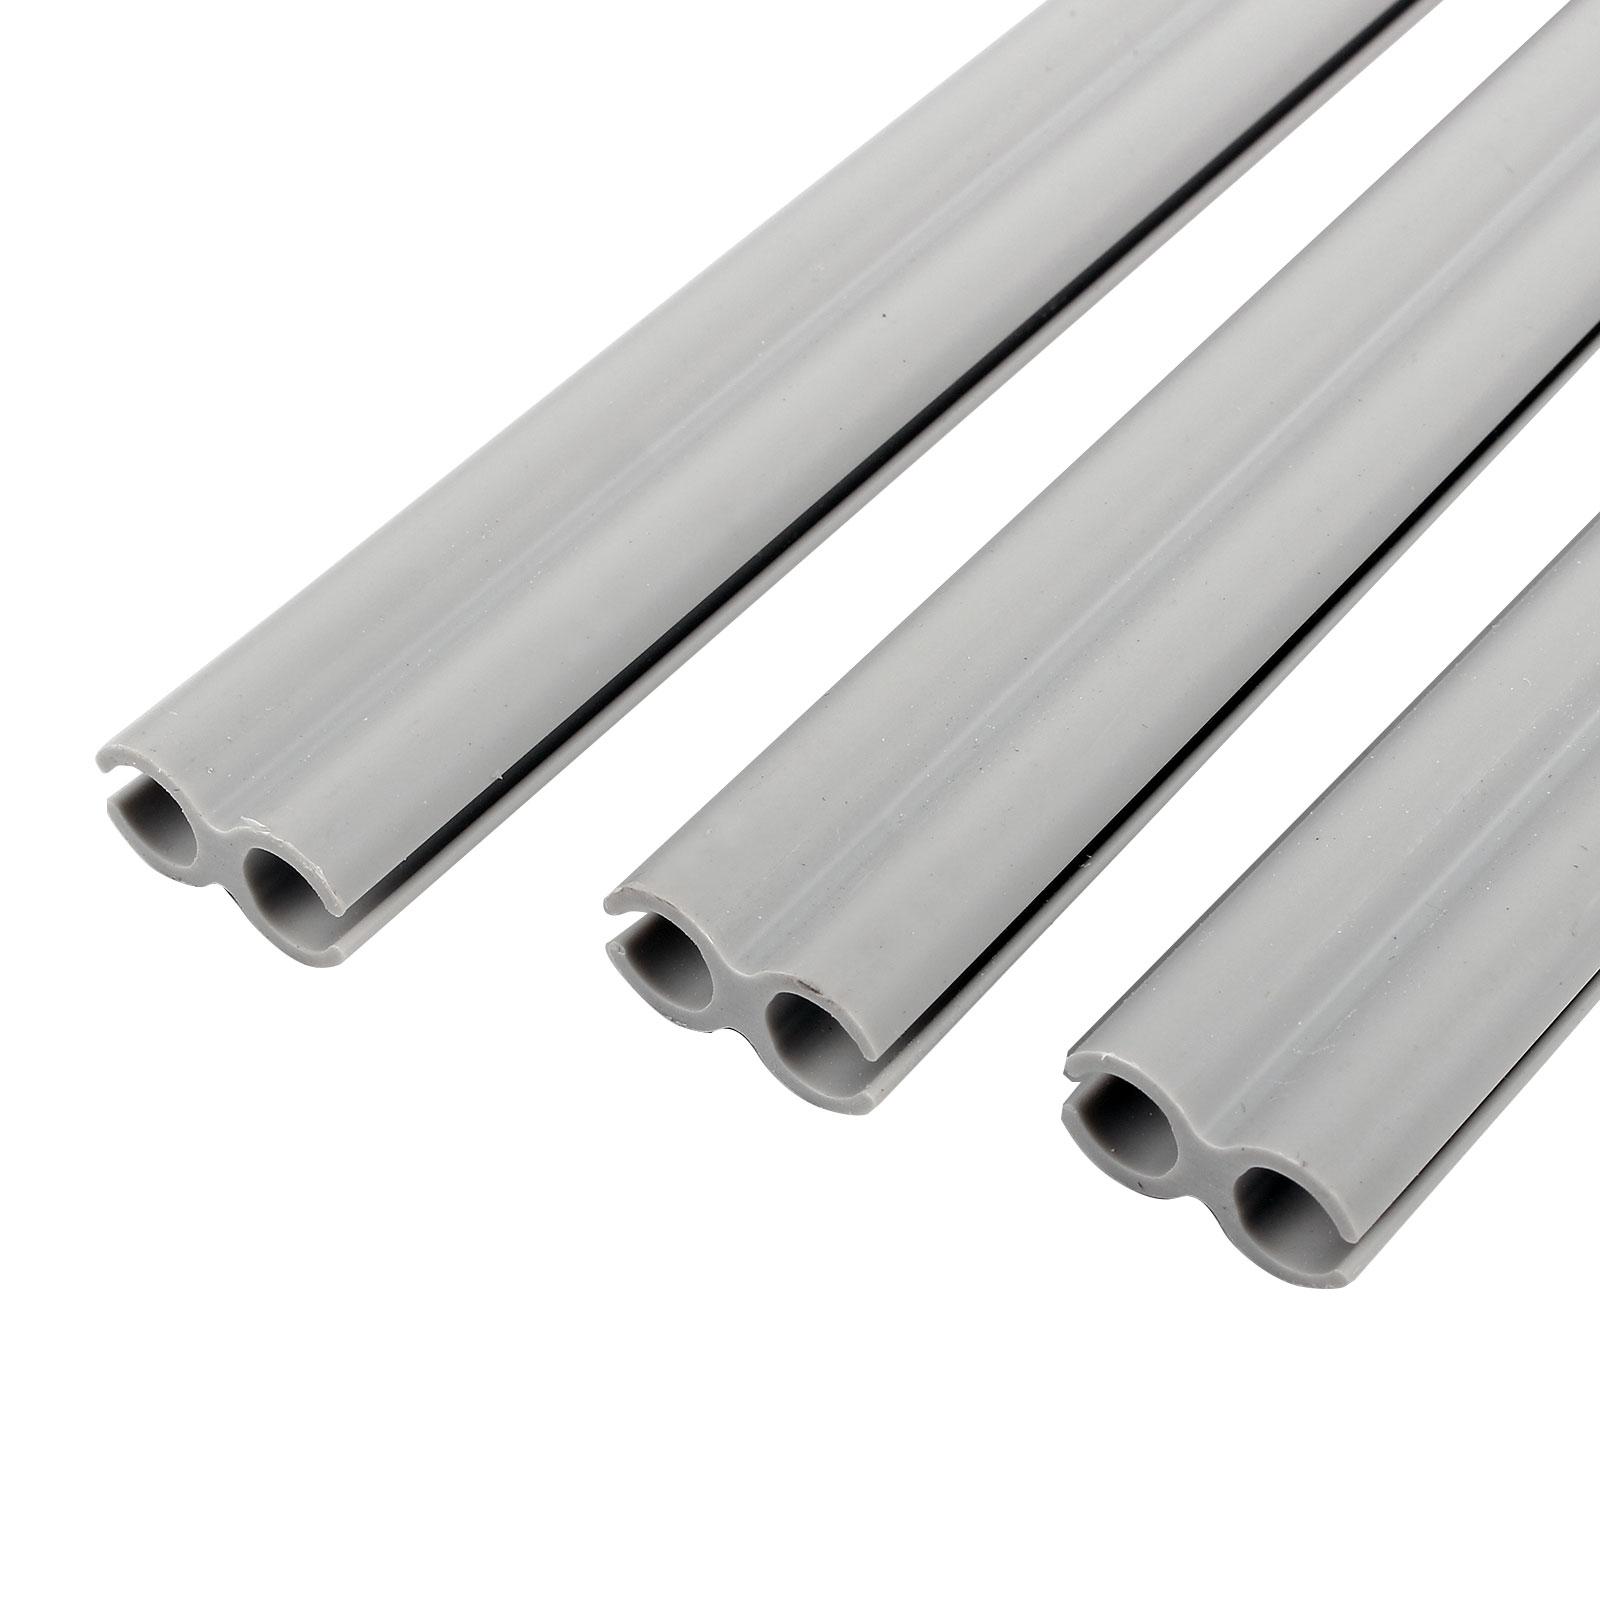 magnetband keder leiste 280 cm grau 3 8 kg ideal f r. Black Bedroom Furniture Sets. Home Design Ideas